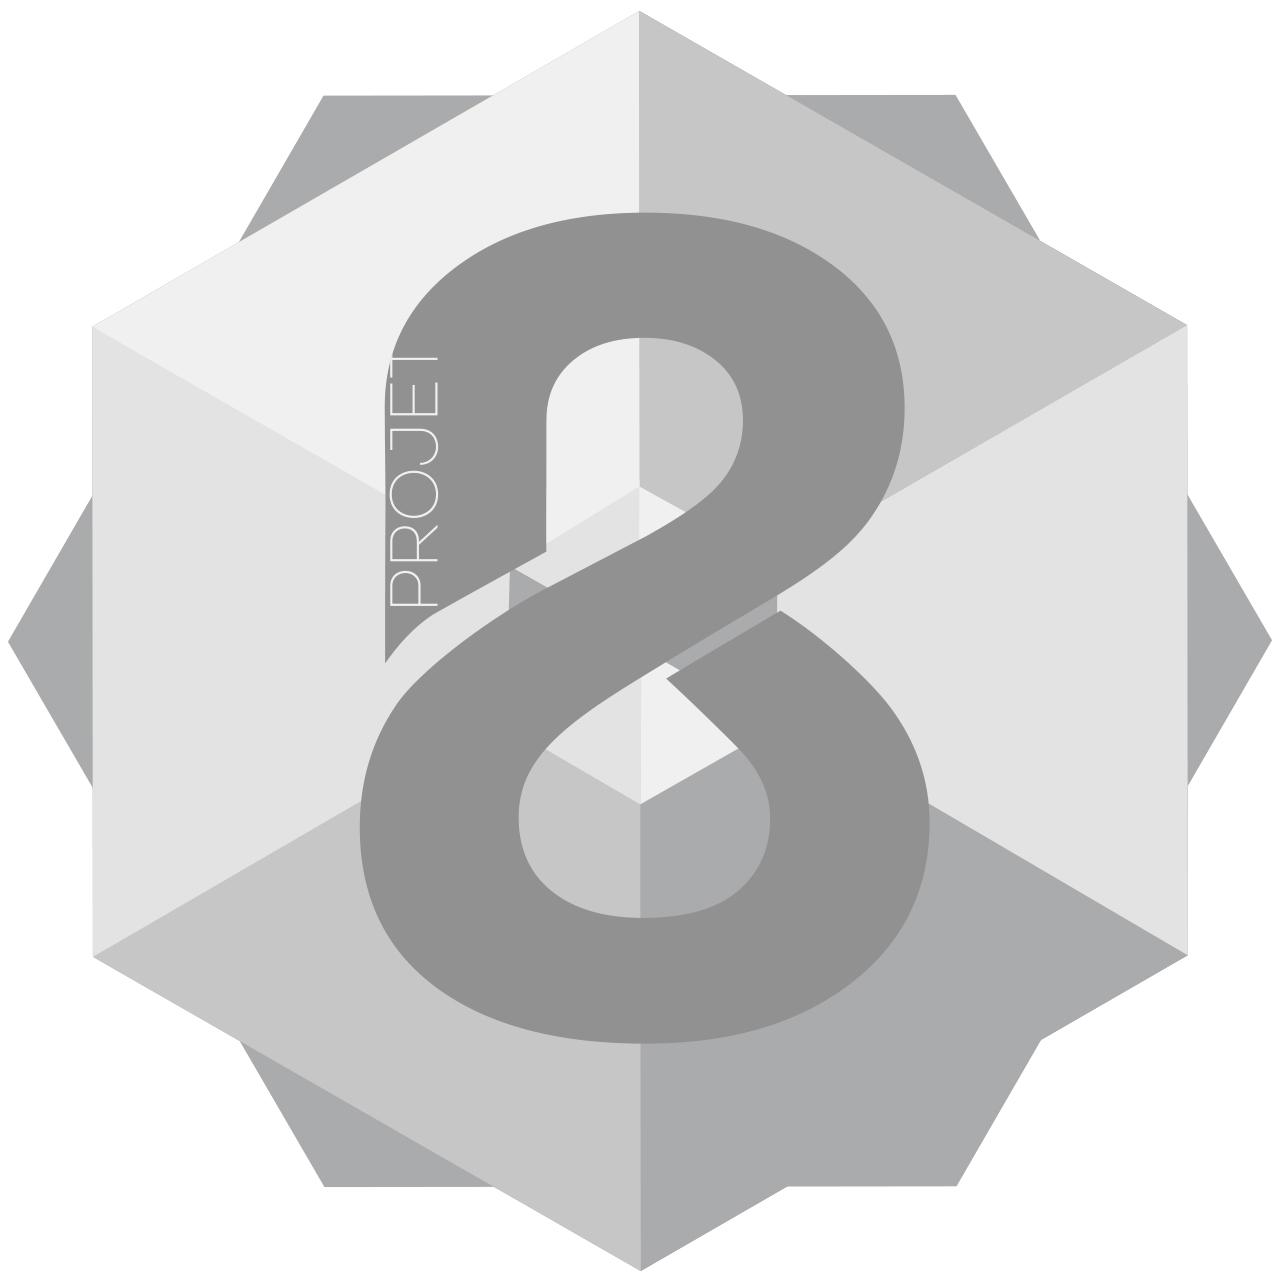 Projet 8 identité visuelle